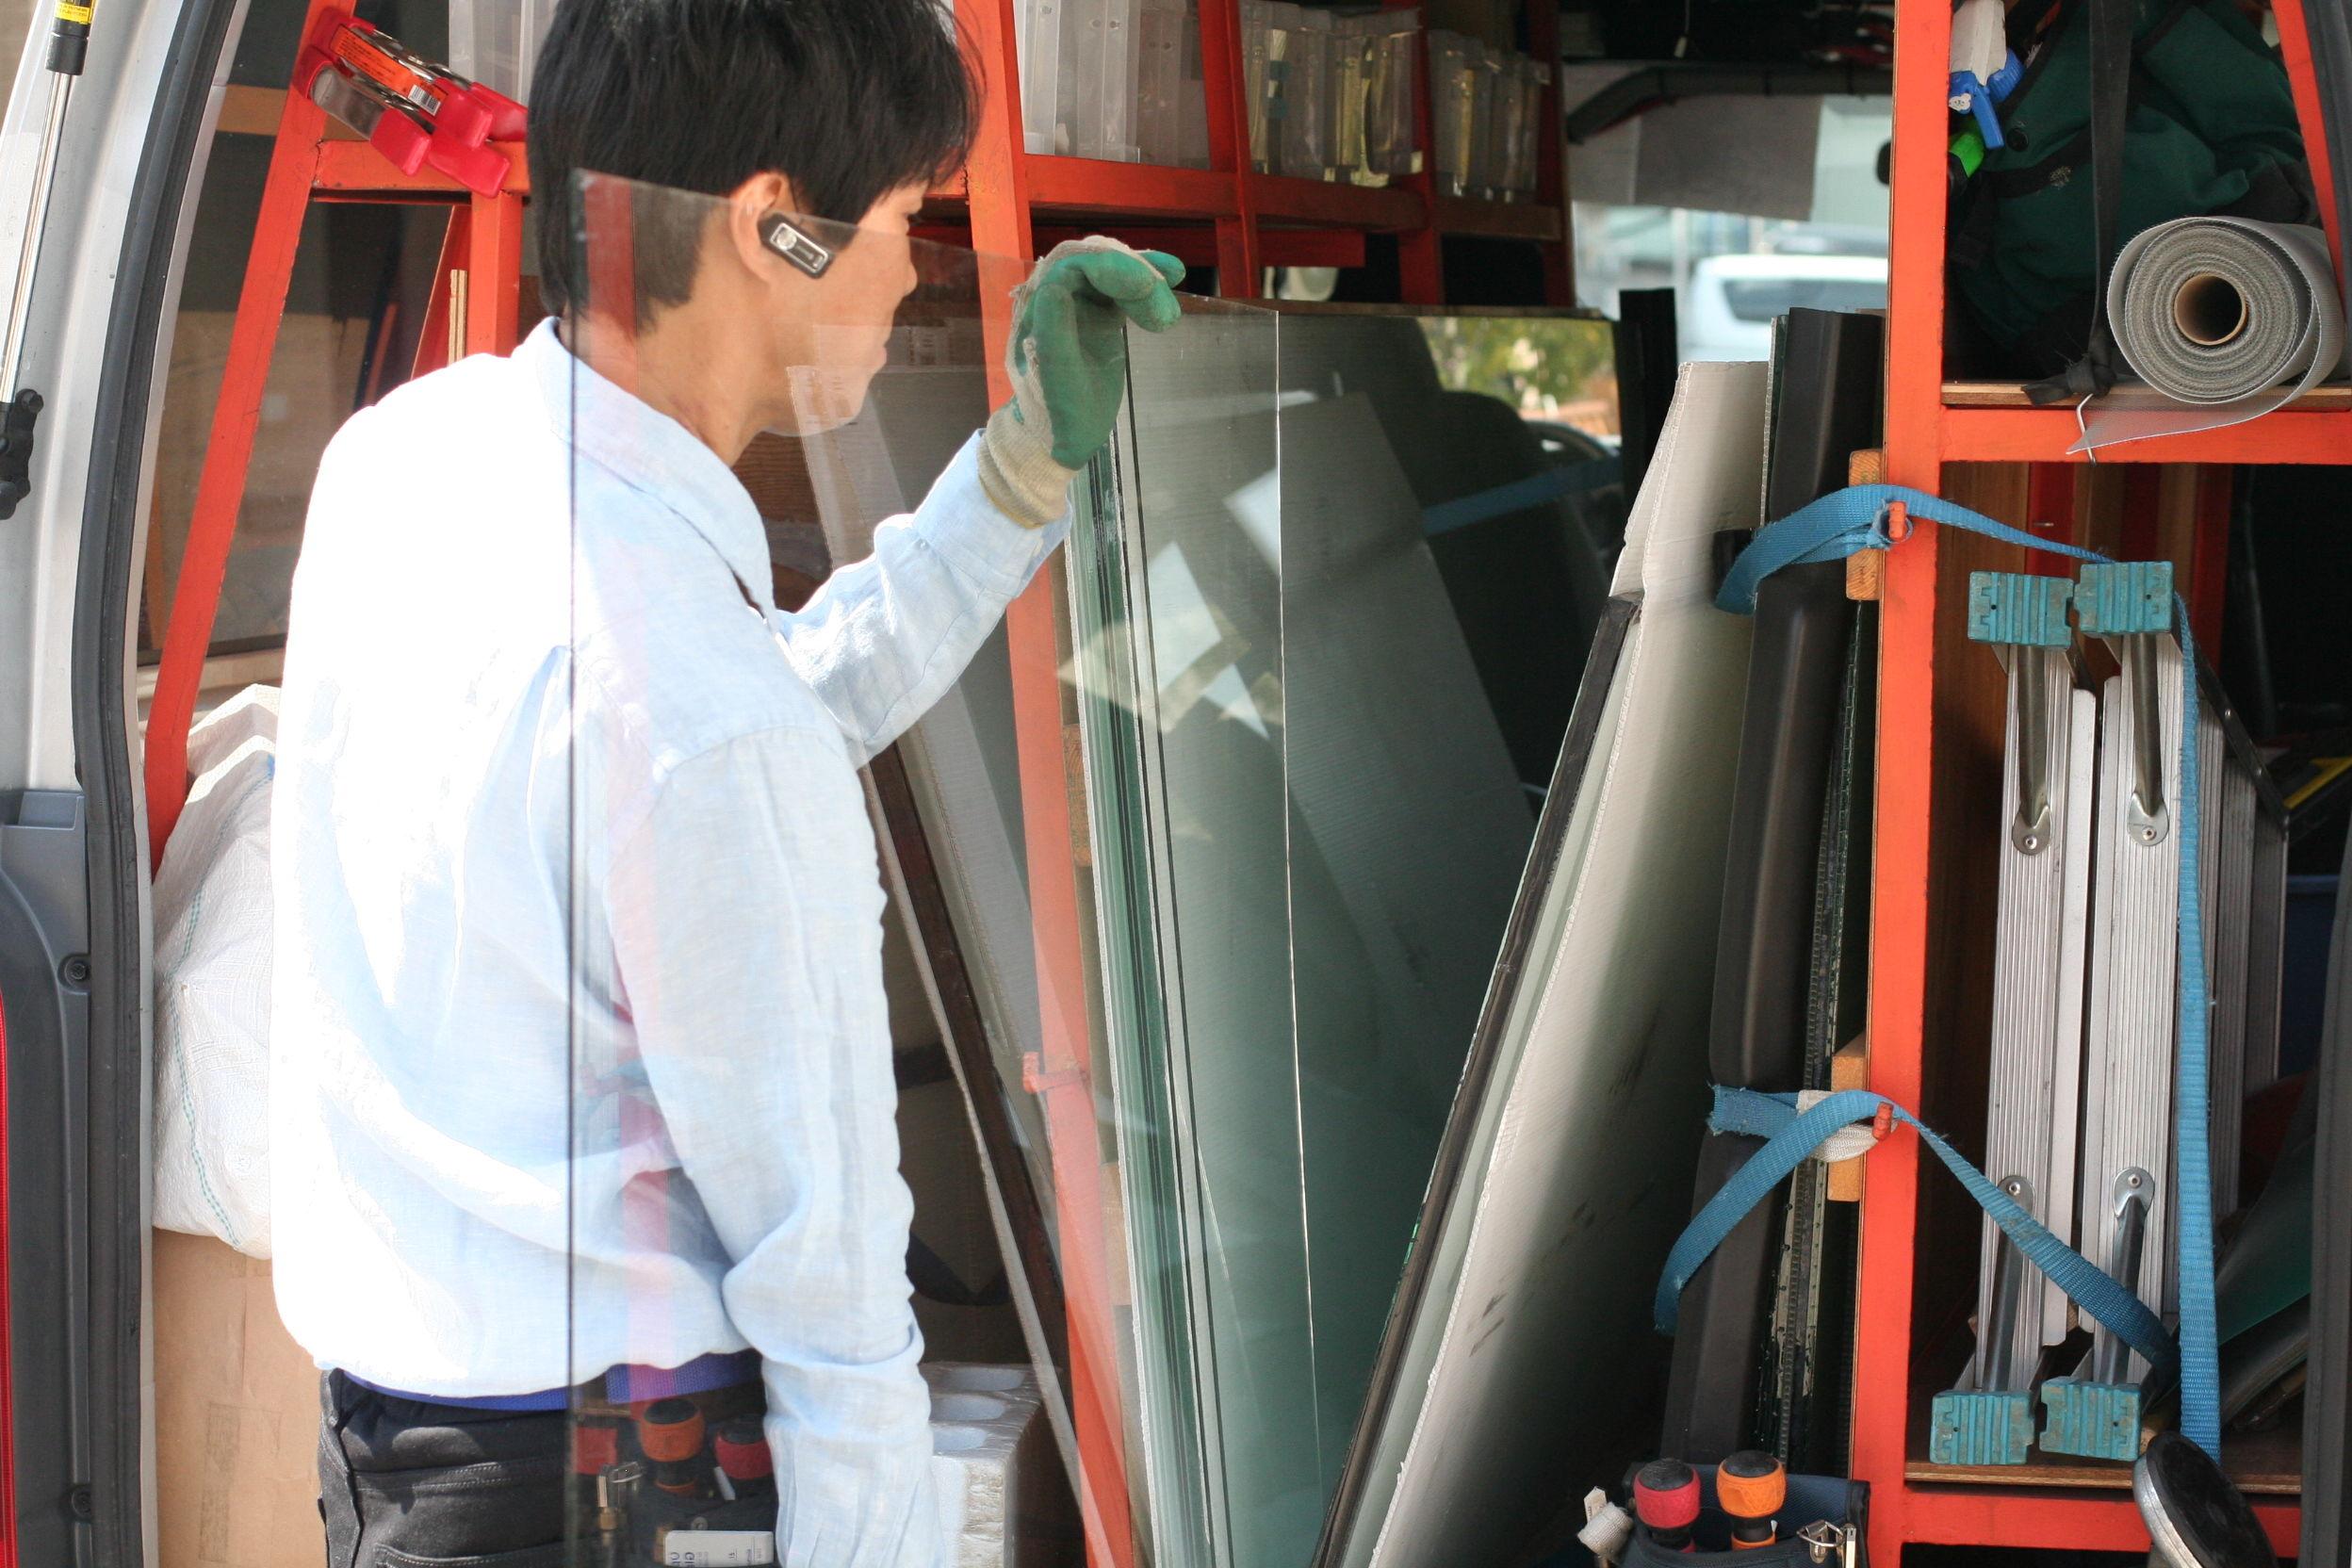 ガラスのトラブル救Q隊.24【東大阪市 出張エリア】の店内・外観画像2